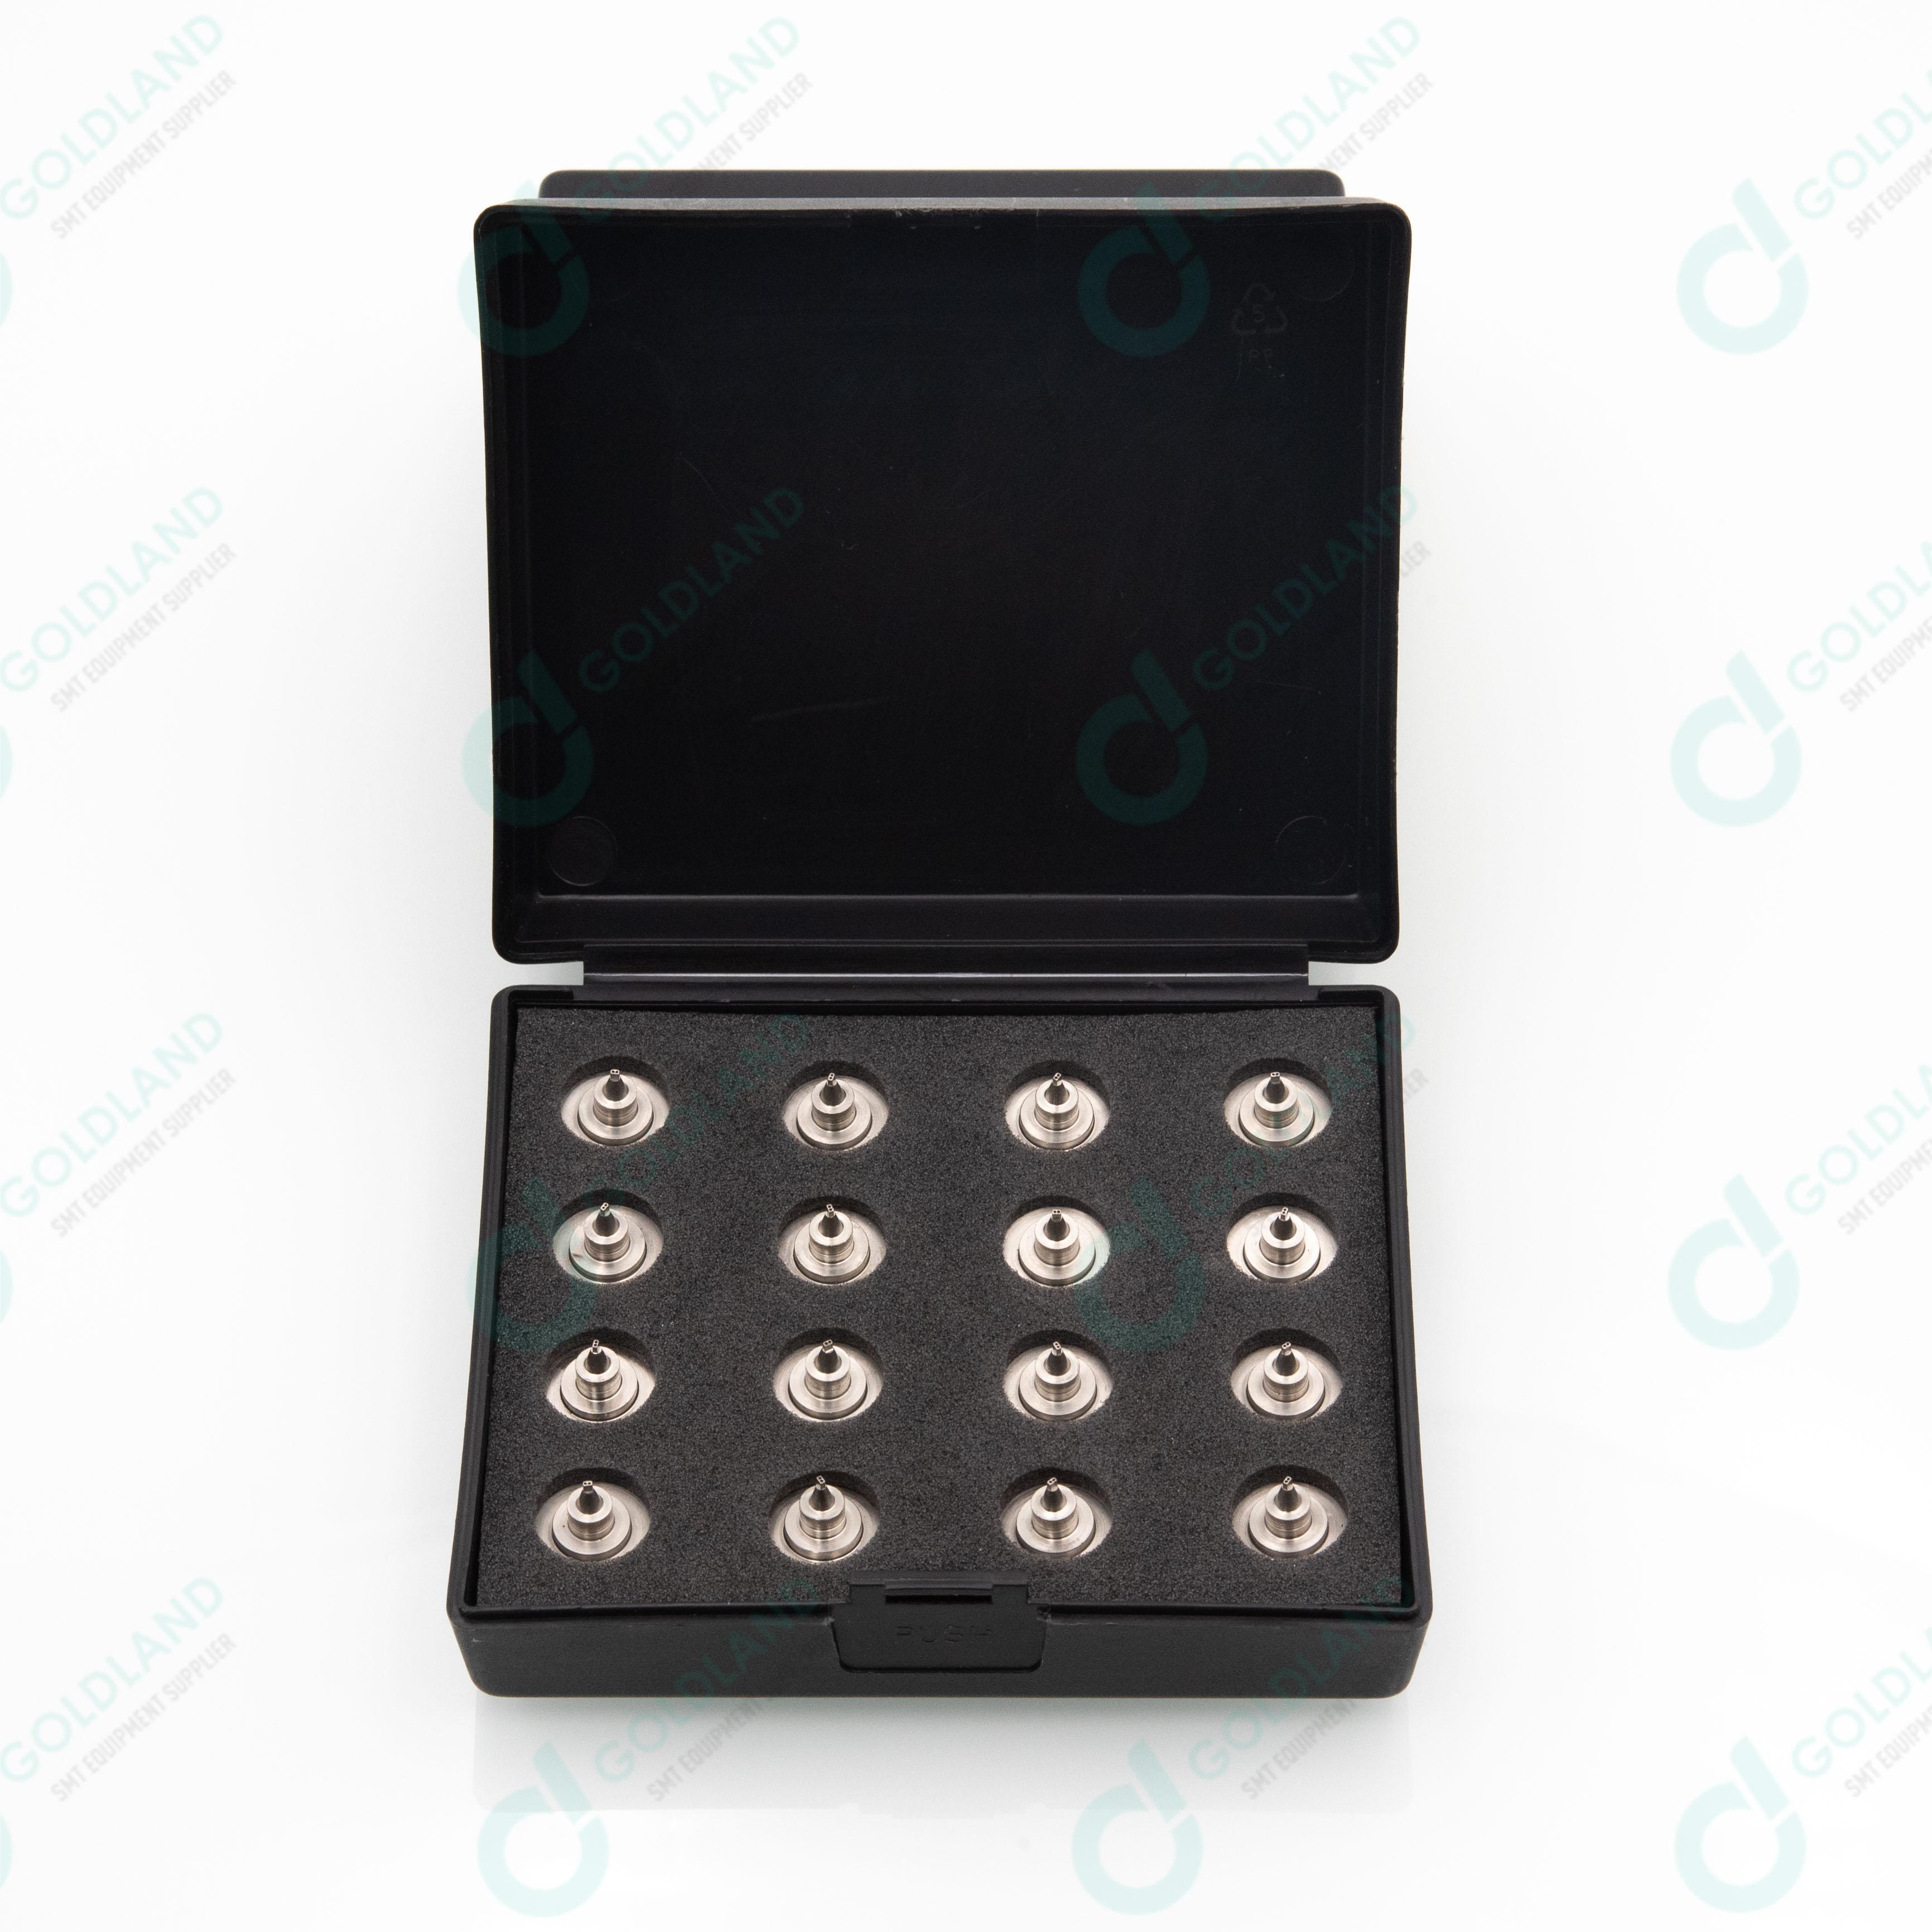 949839601254 Assembleon AX NOZZLE L3 for Assembleon smt nozzle